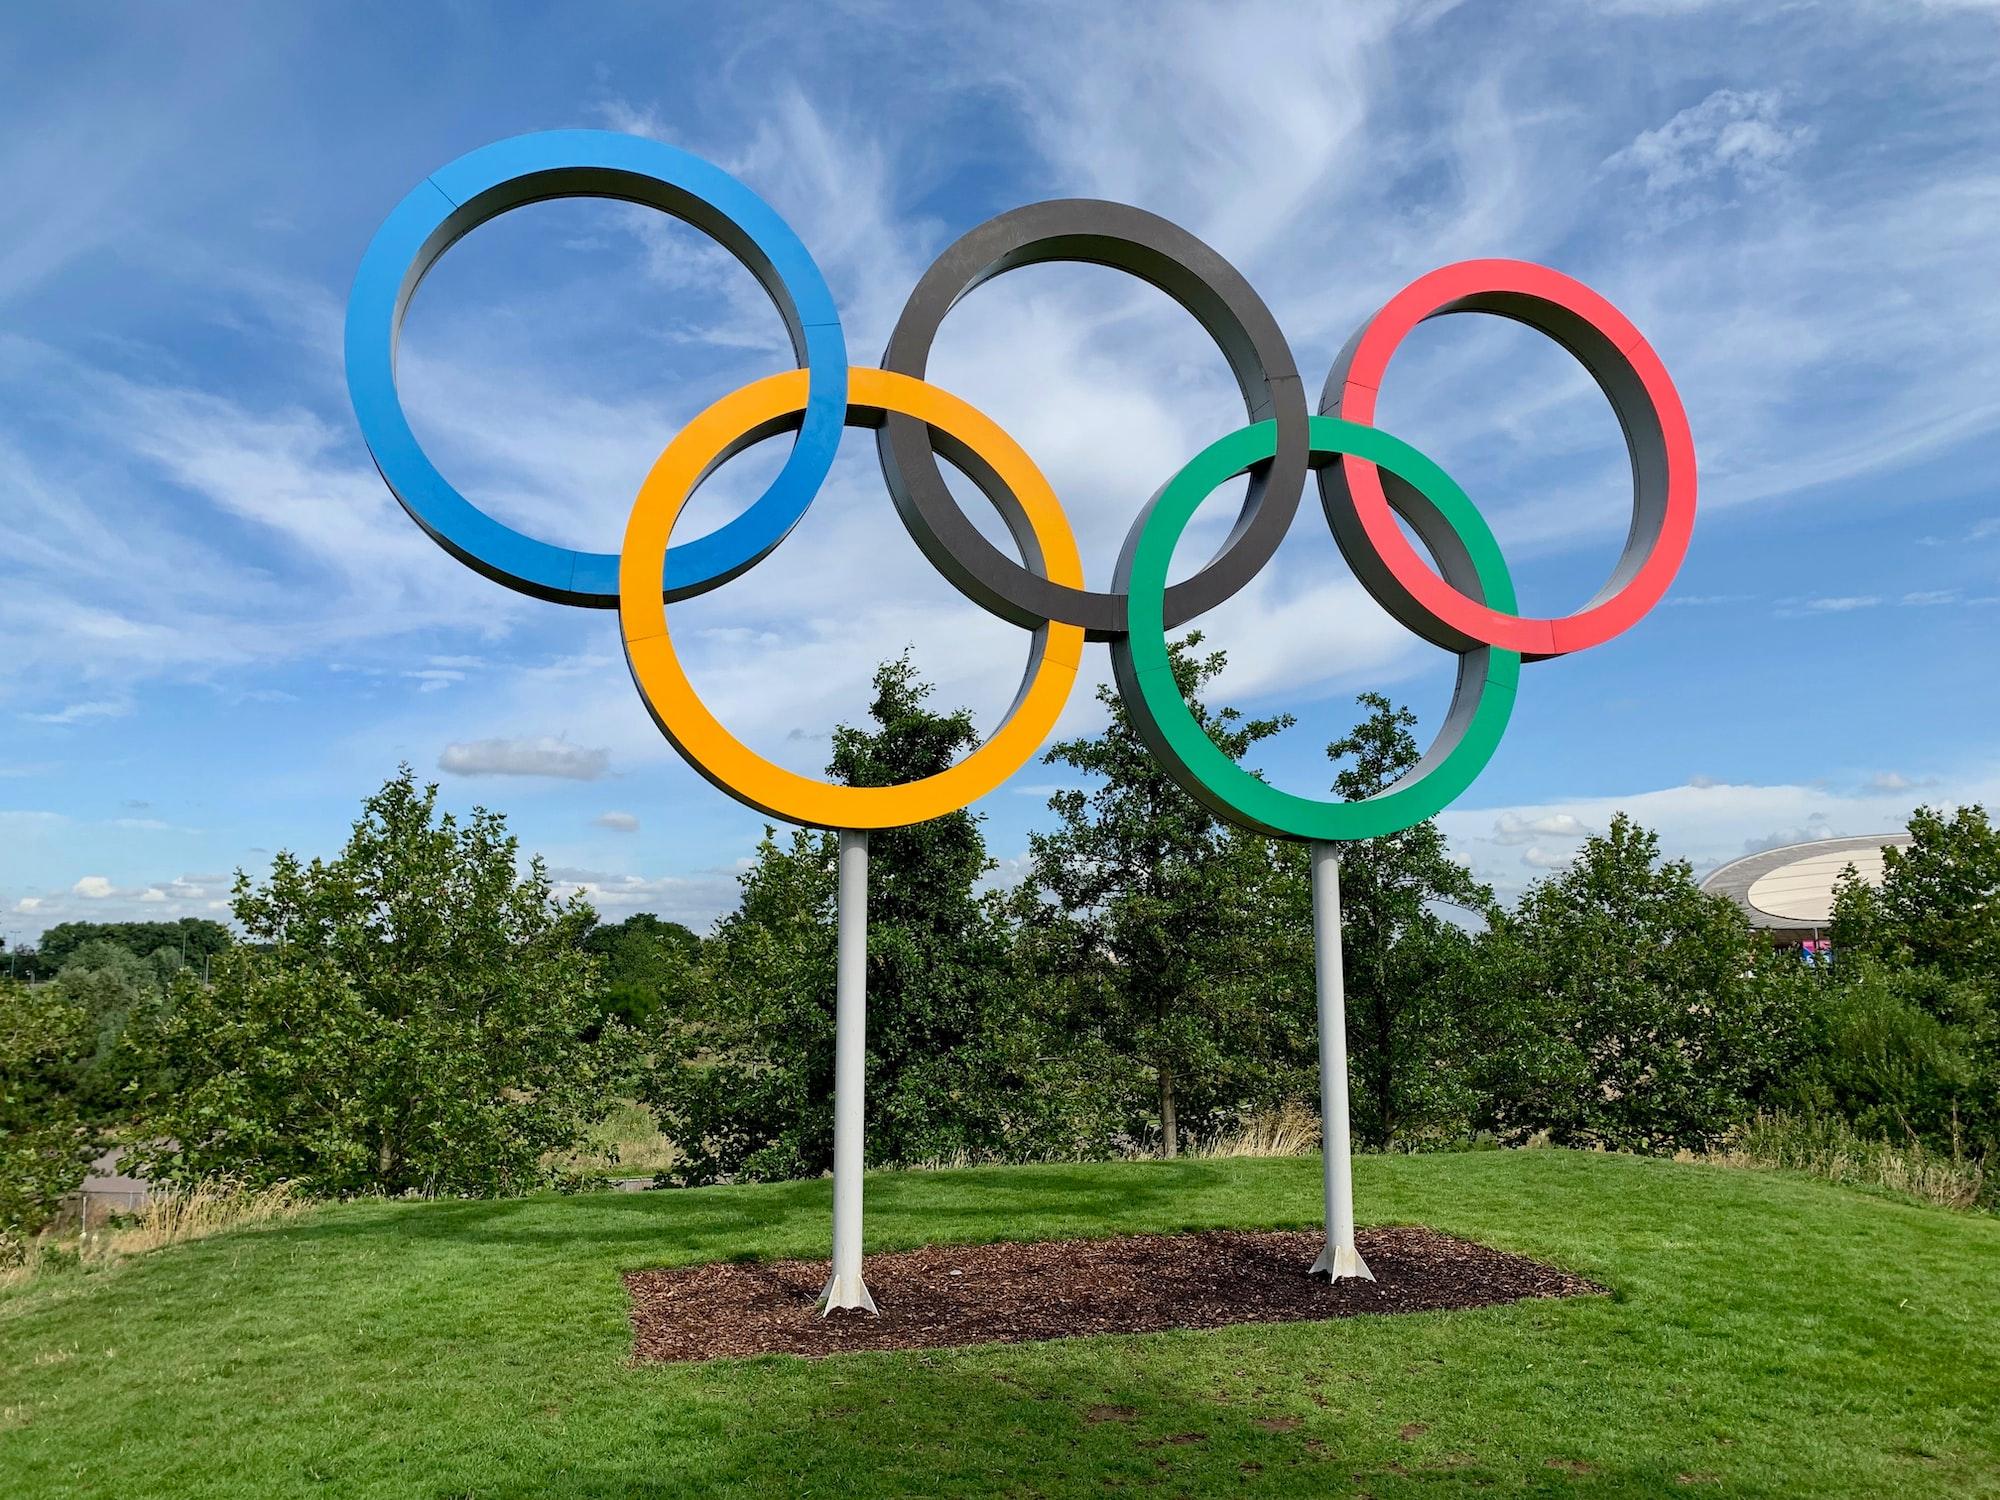 จีนตั้งเป้าให้ชาวต่างชาติใช้หยวนดิจิทัลในโอลิมปิกฤดูหนาวในปี 2022